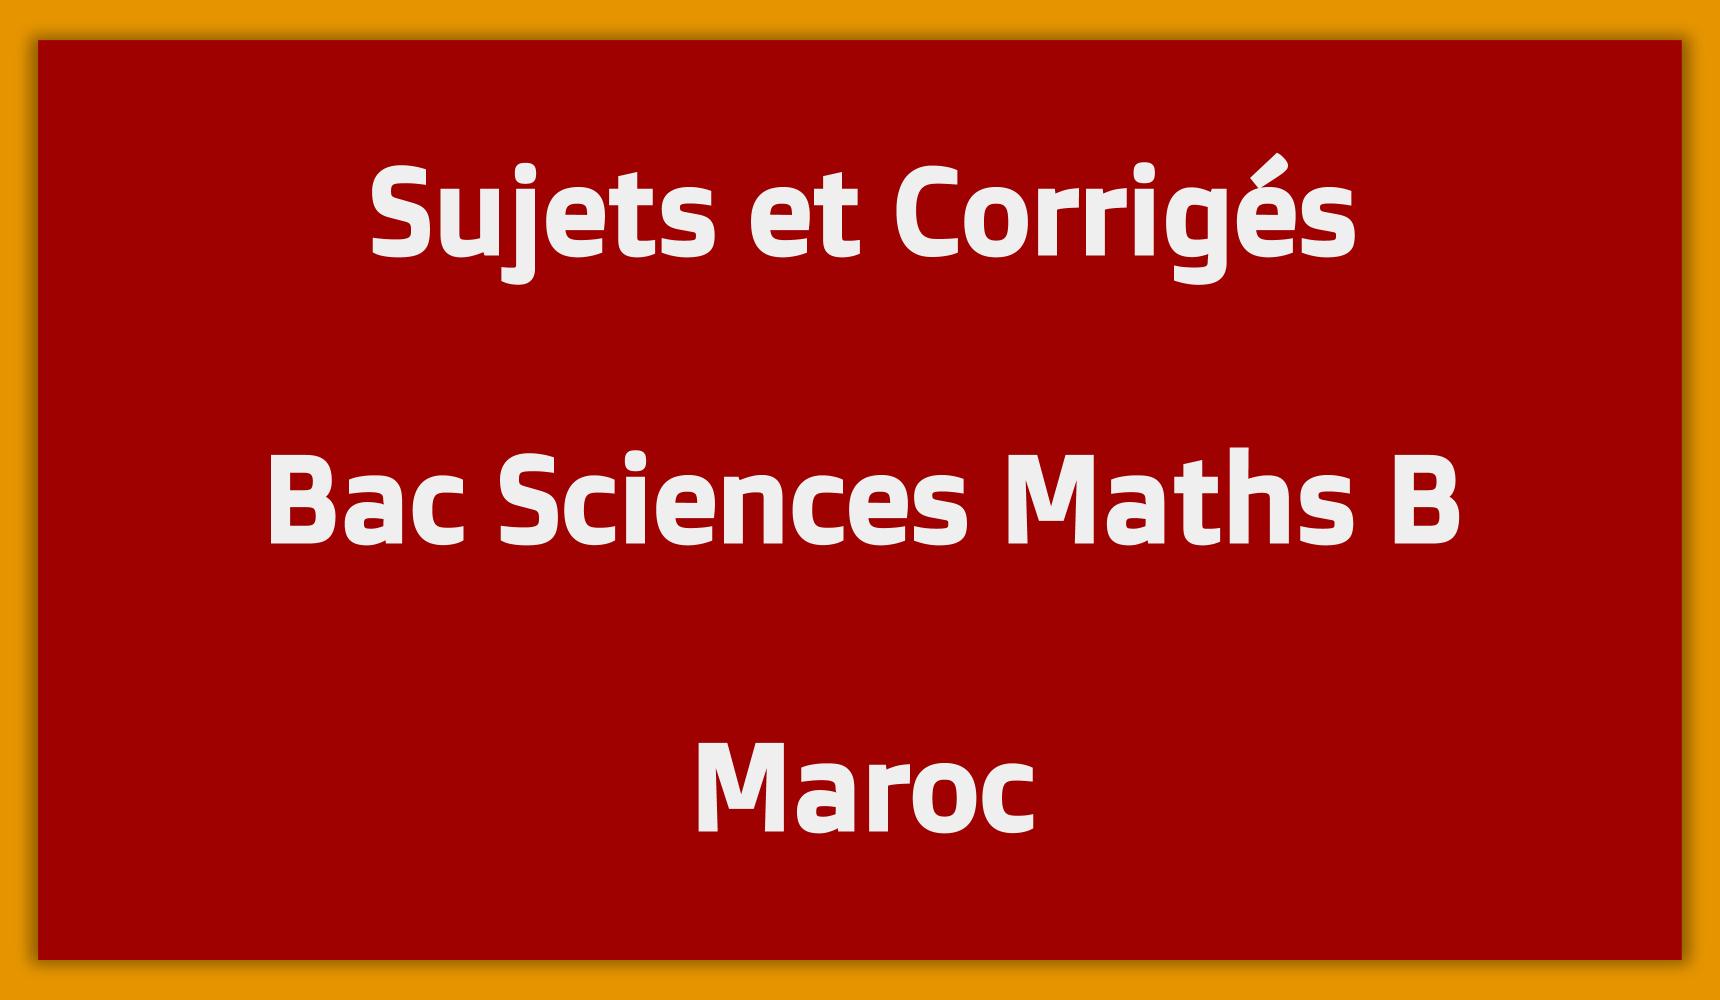 Sujets Corrigés Bac Sciences Maths B Maroc